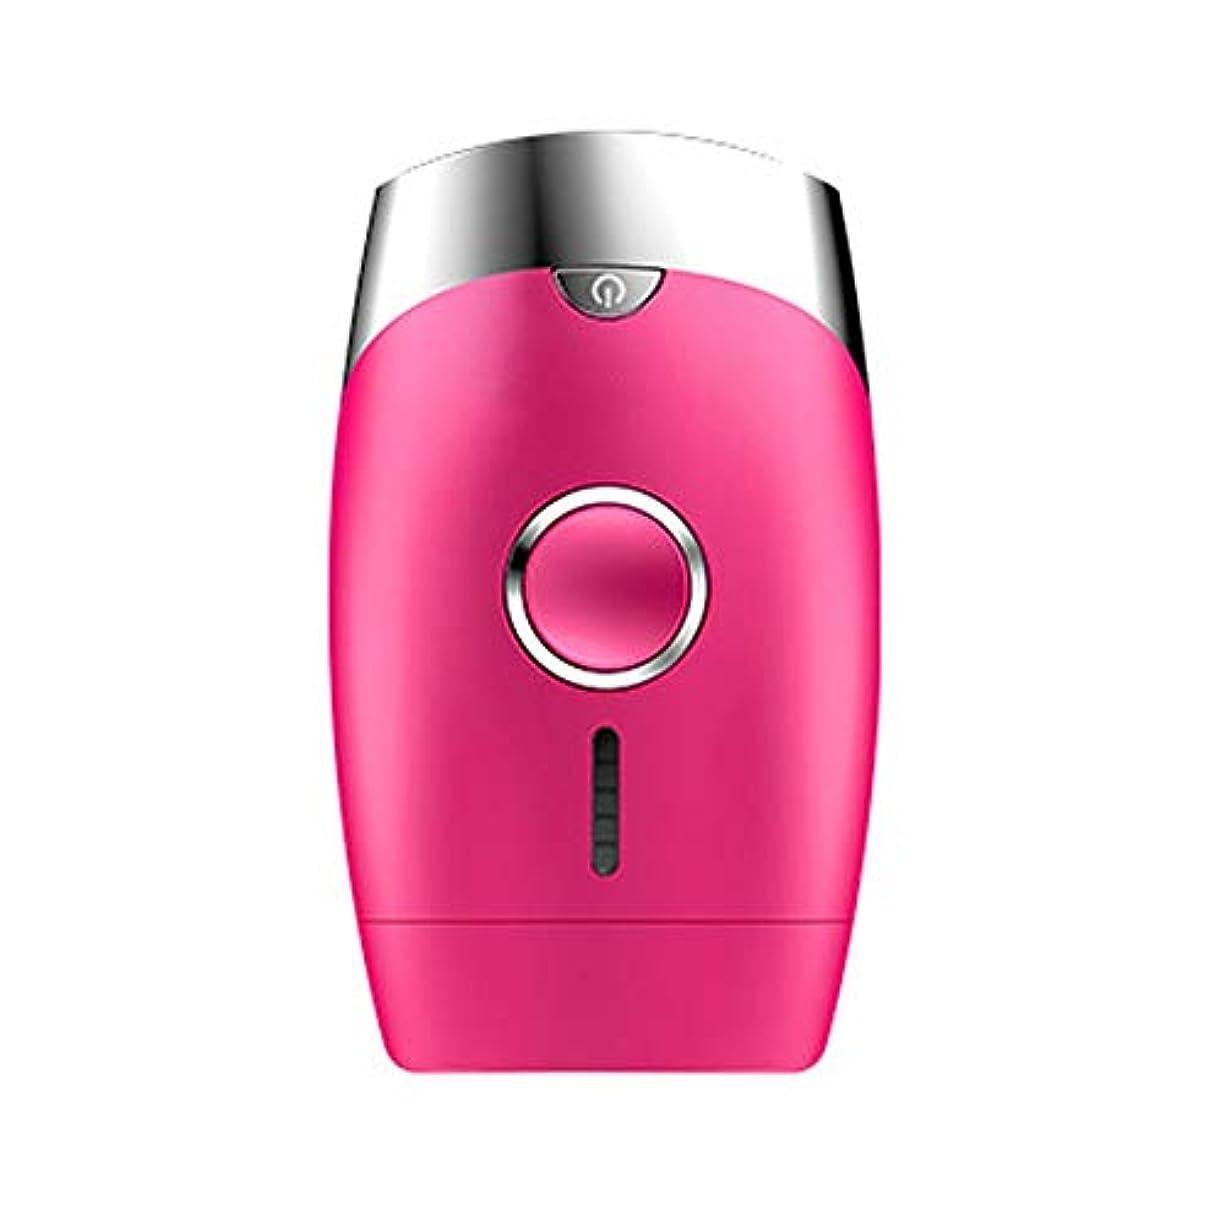 ラテン感嘆符軍団ピンク、5スピード調整、インテリジェント家庭用痛みのない凝固点ヘアリムーバー、シングルフラッシュ/連続フラッシュ、サイズ13.9 X 8.3 X 4.8 Cm 髪以外はきれい (Color : Pink)